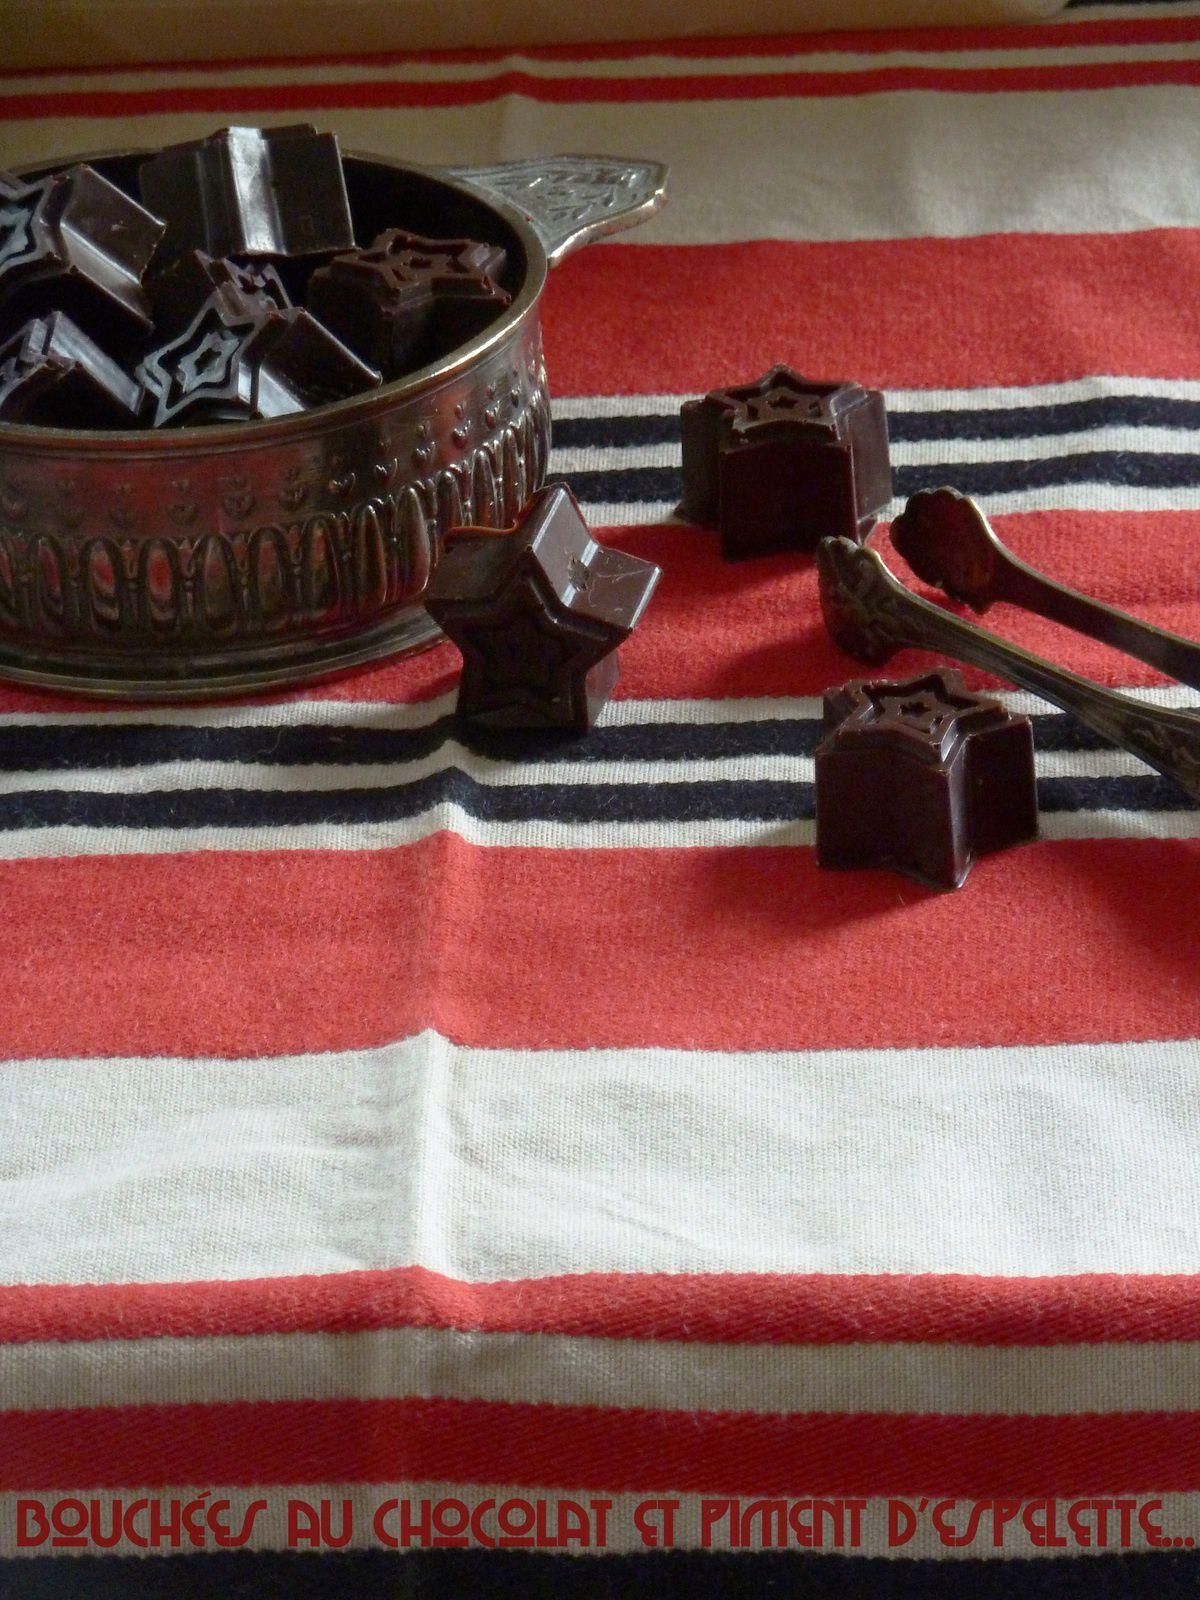 Bouchées au chocolat et piment d'espelette